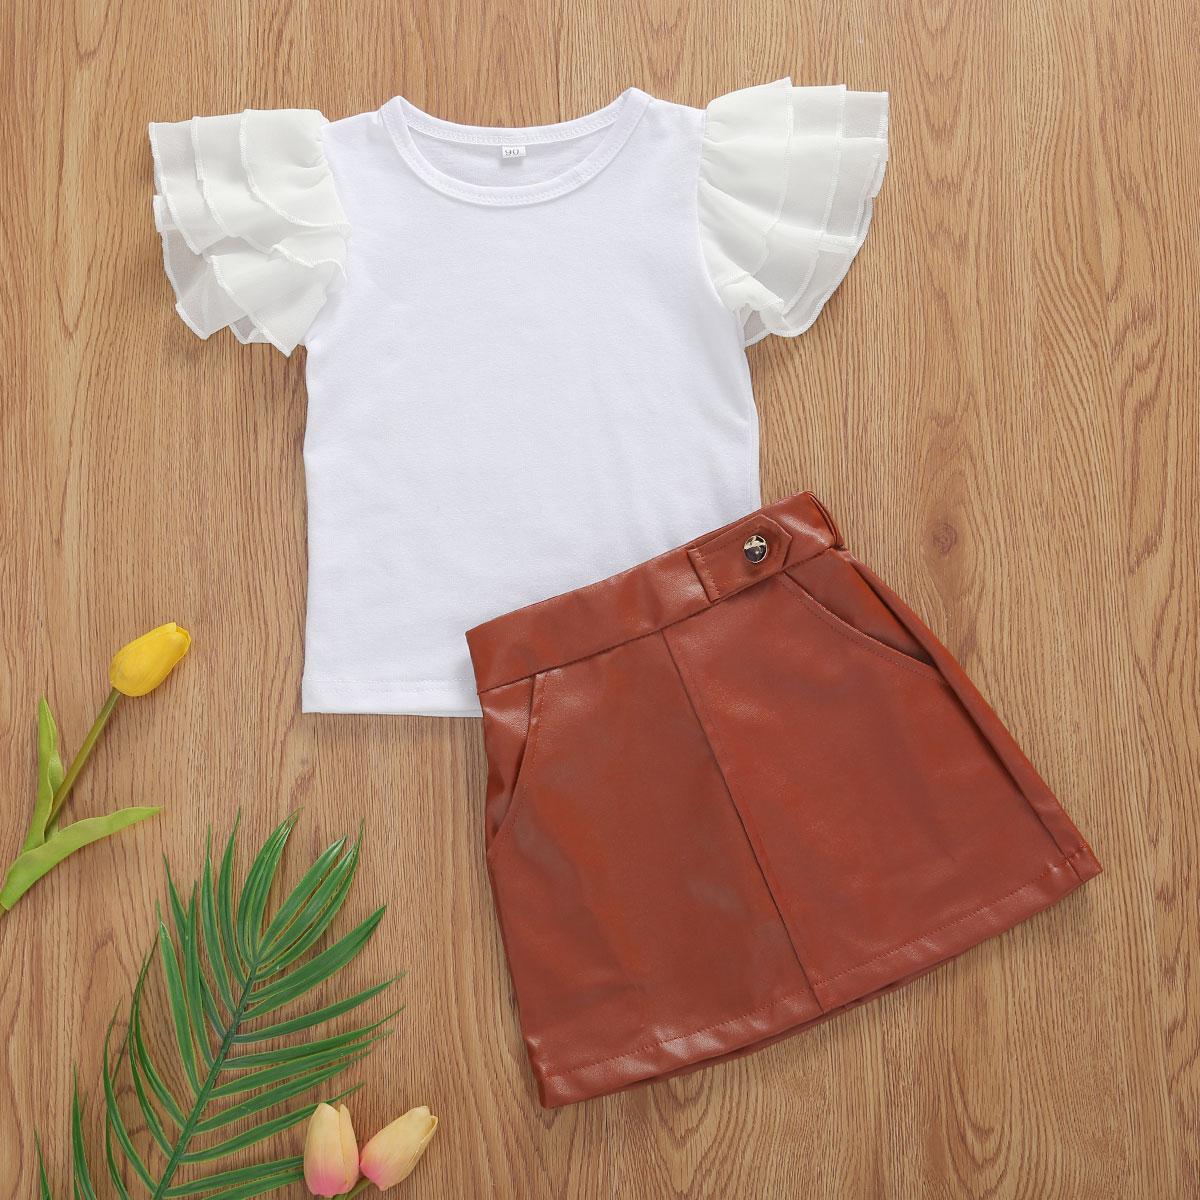 Conjunto de ropa para niña pequeña 2 uds de verano, Top de cuello redondo con manga Feifei con volantes + falda de cuero marrón